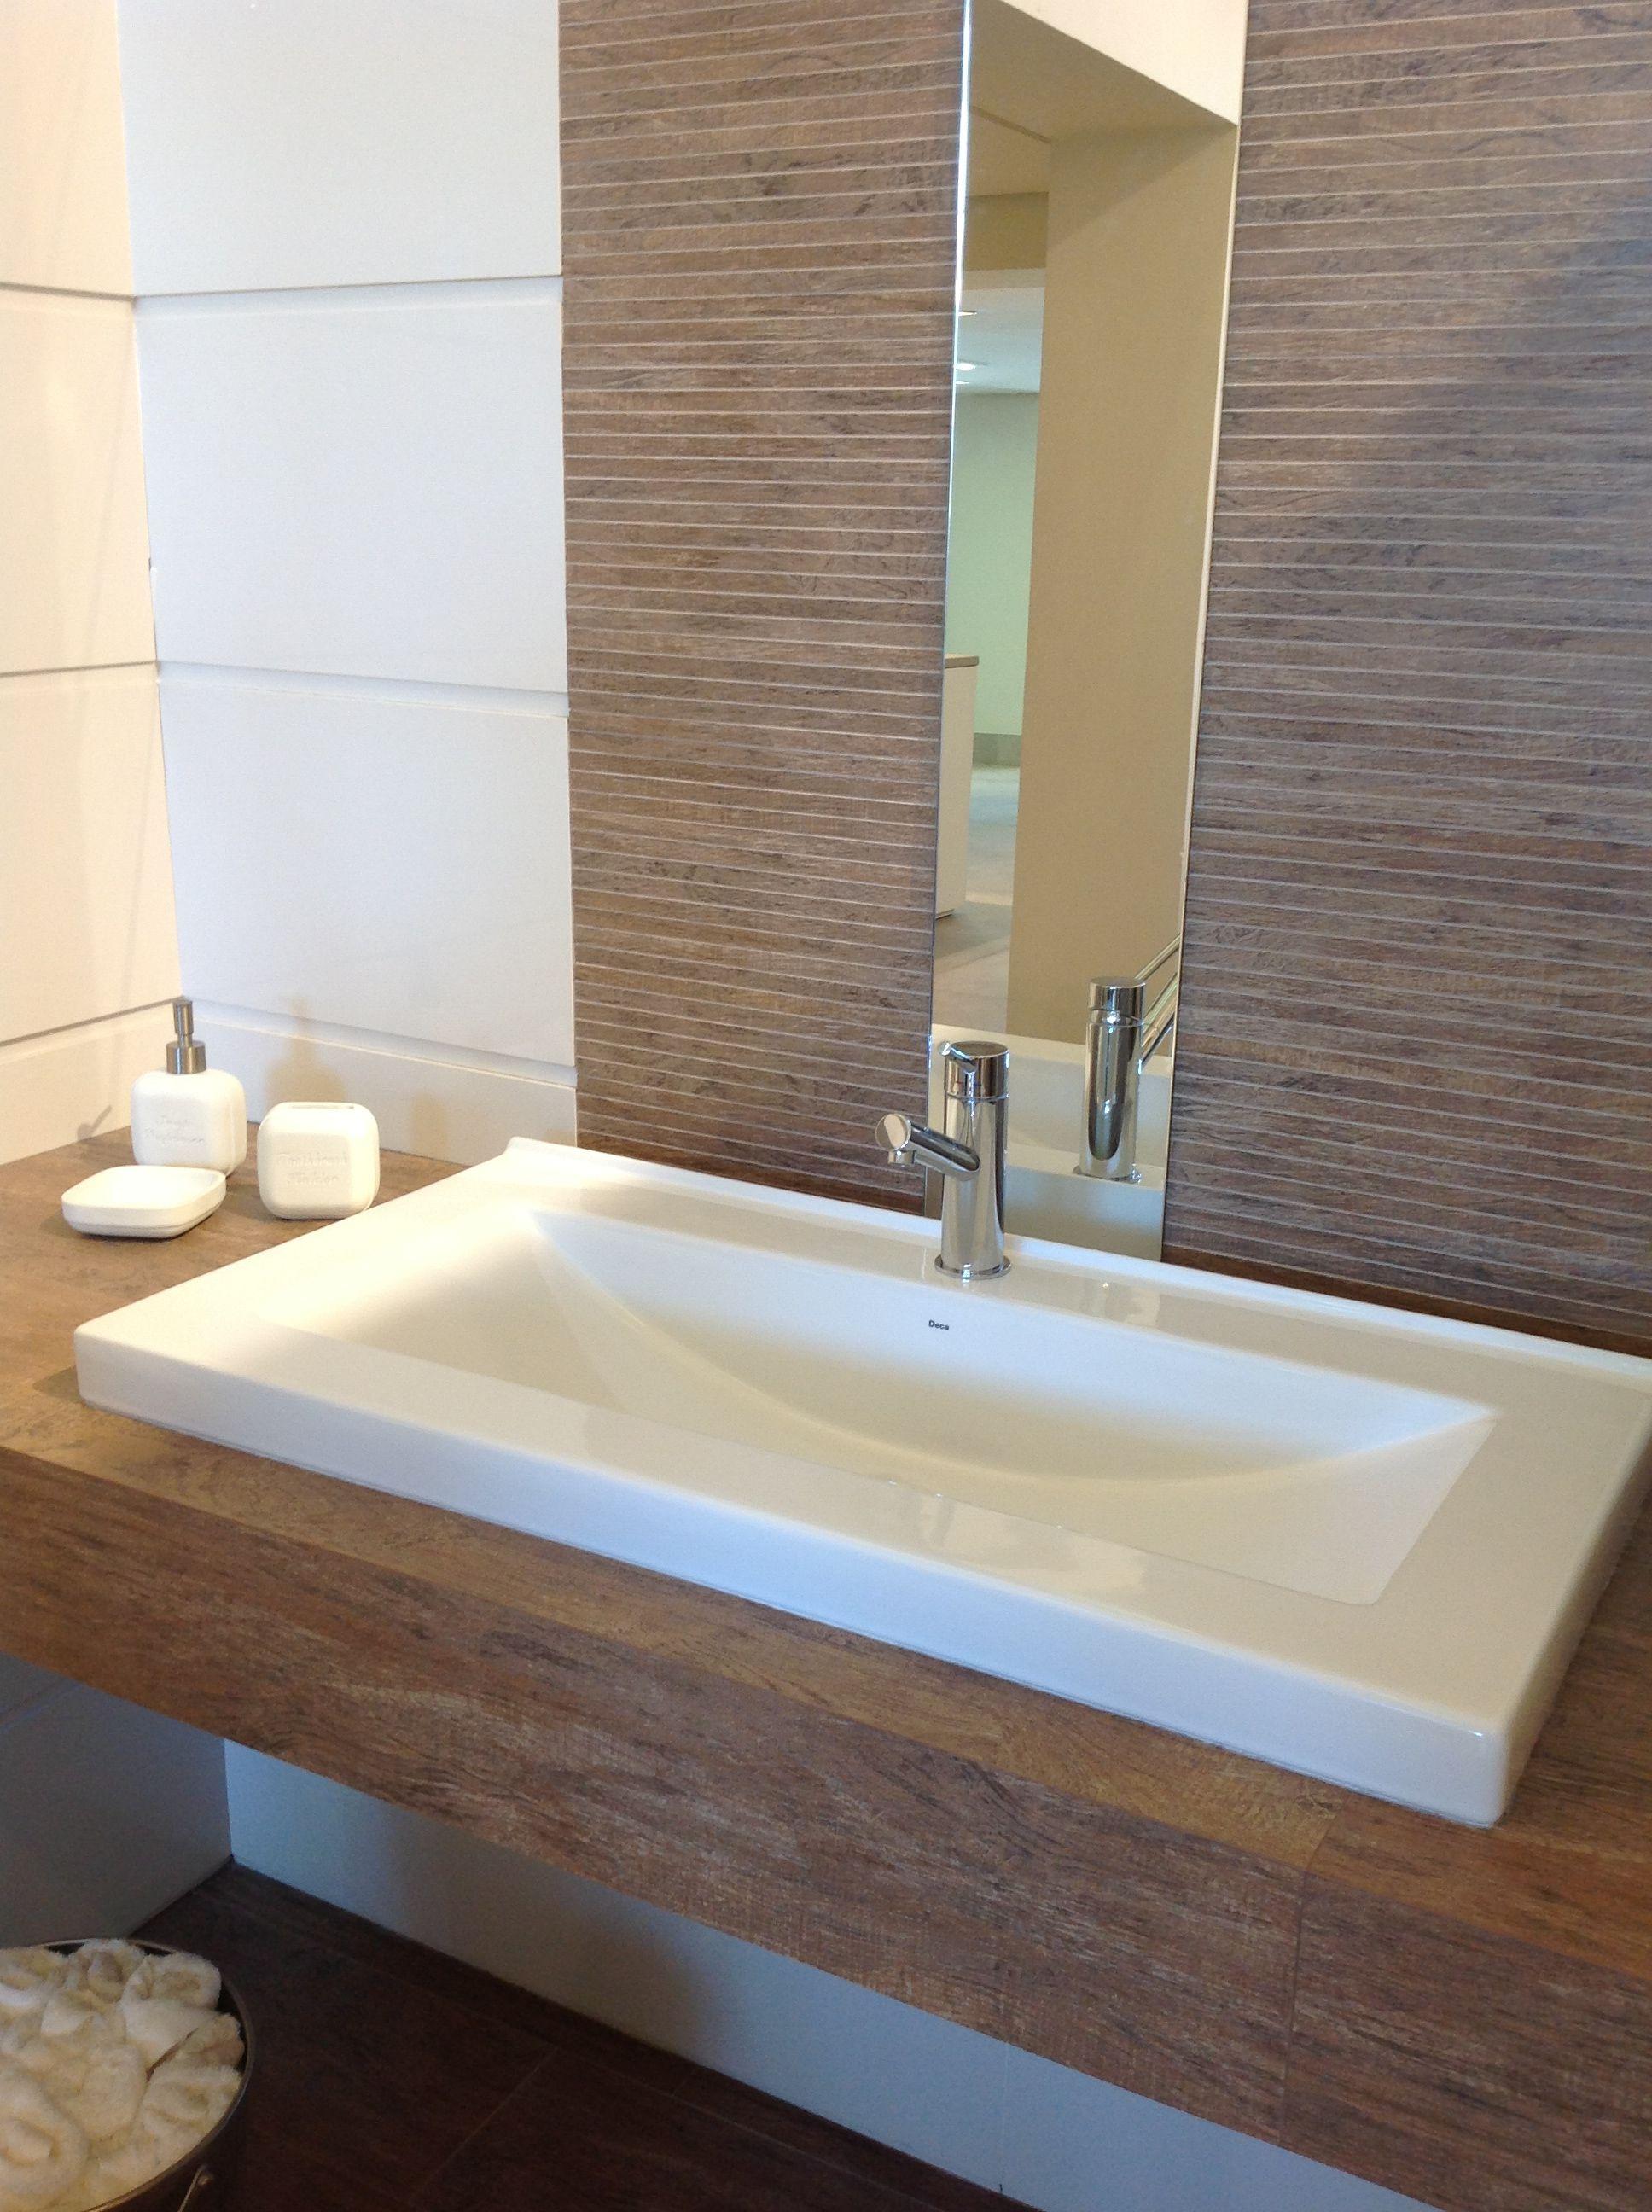 bancada em porcelanato imitando madeira Banheiros / Bathrooms Pin  #3D628E 1936x2592 Banheiro Com Piso Porcelanato Imitando Madeira